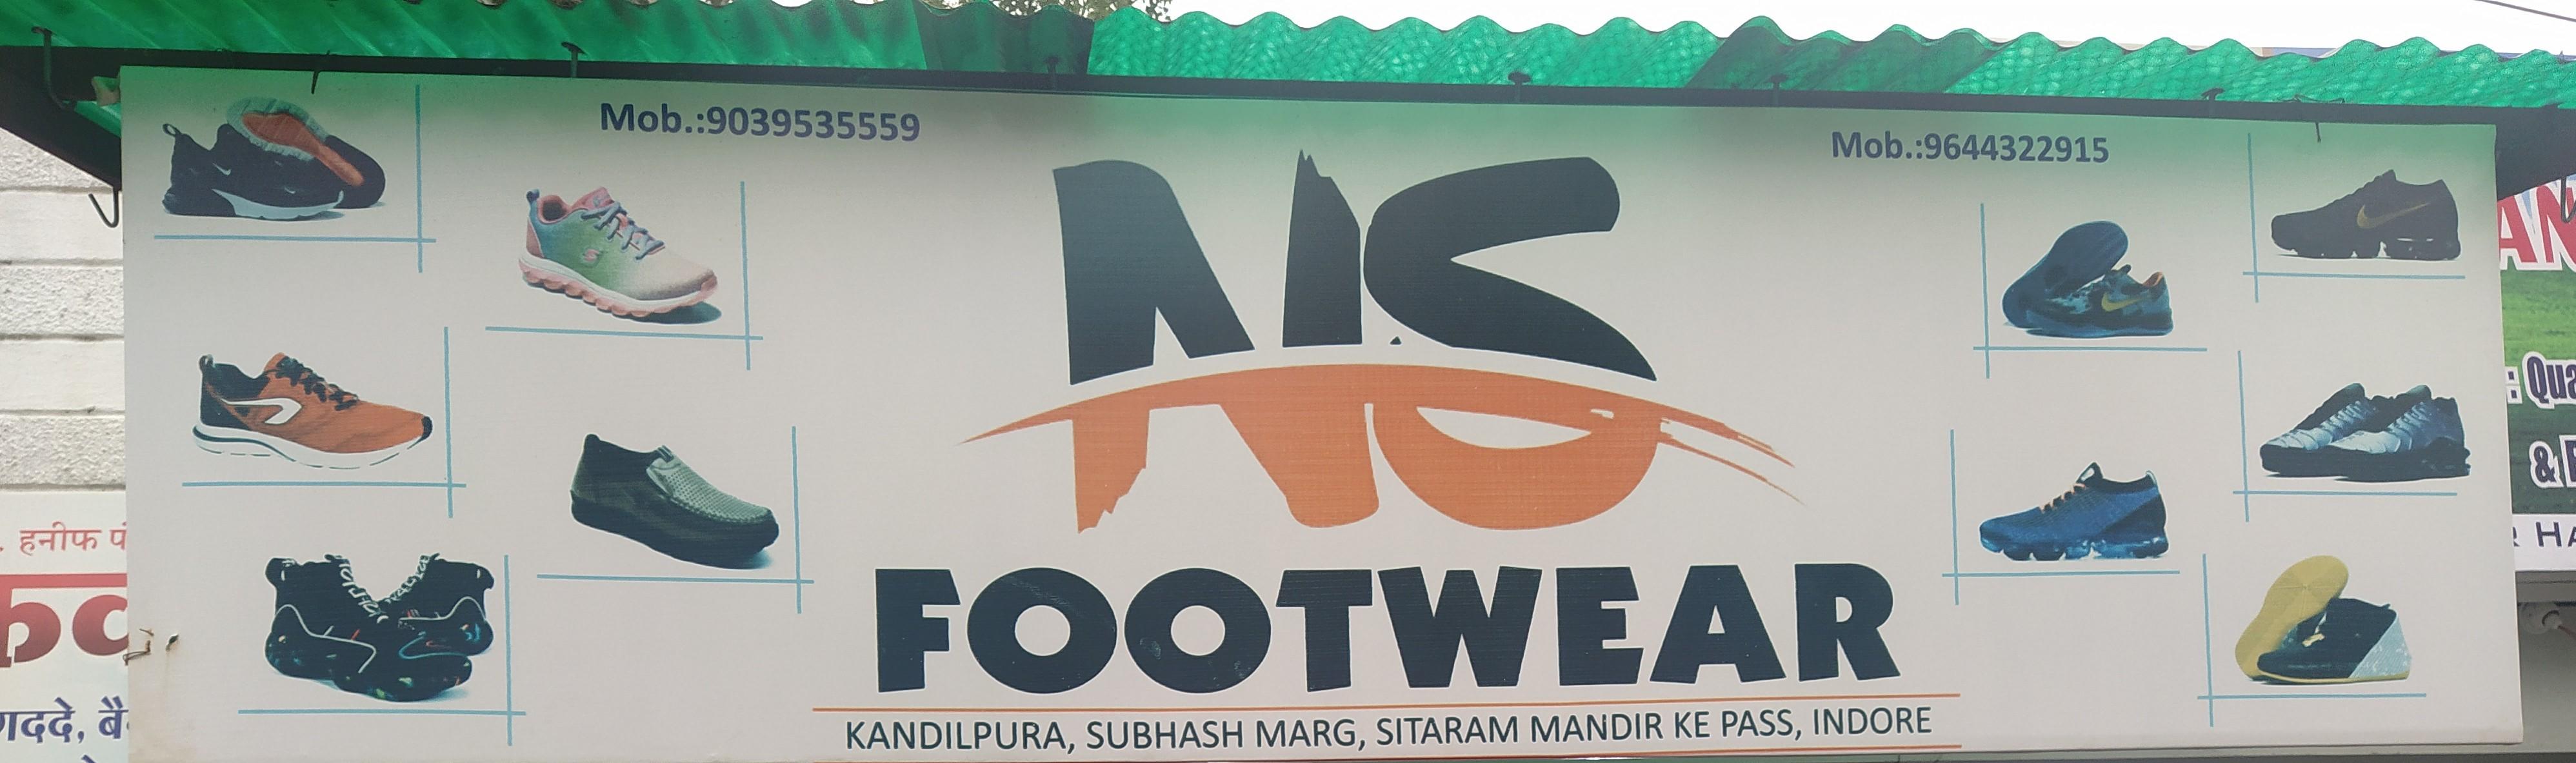 N.s foot wear